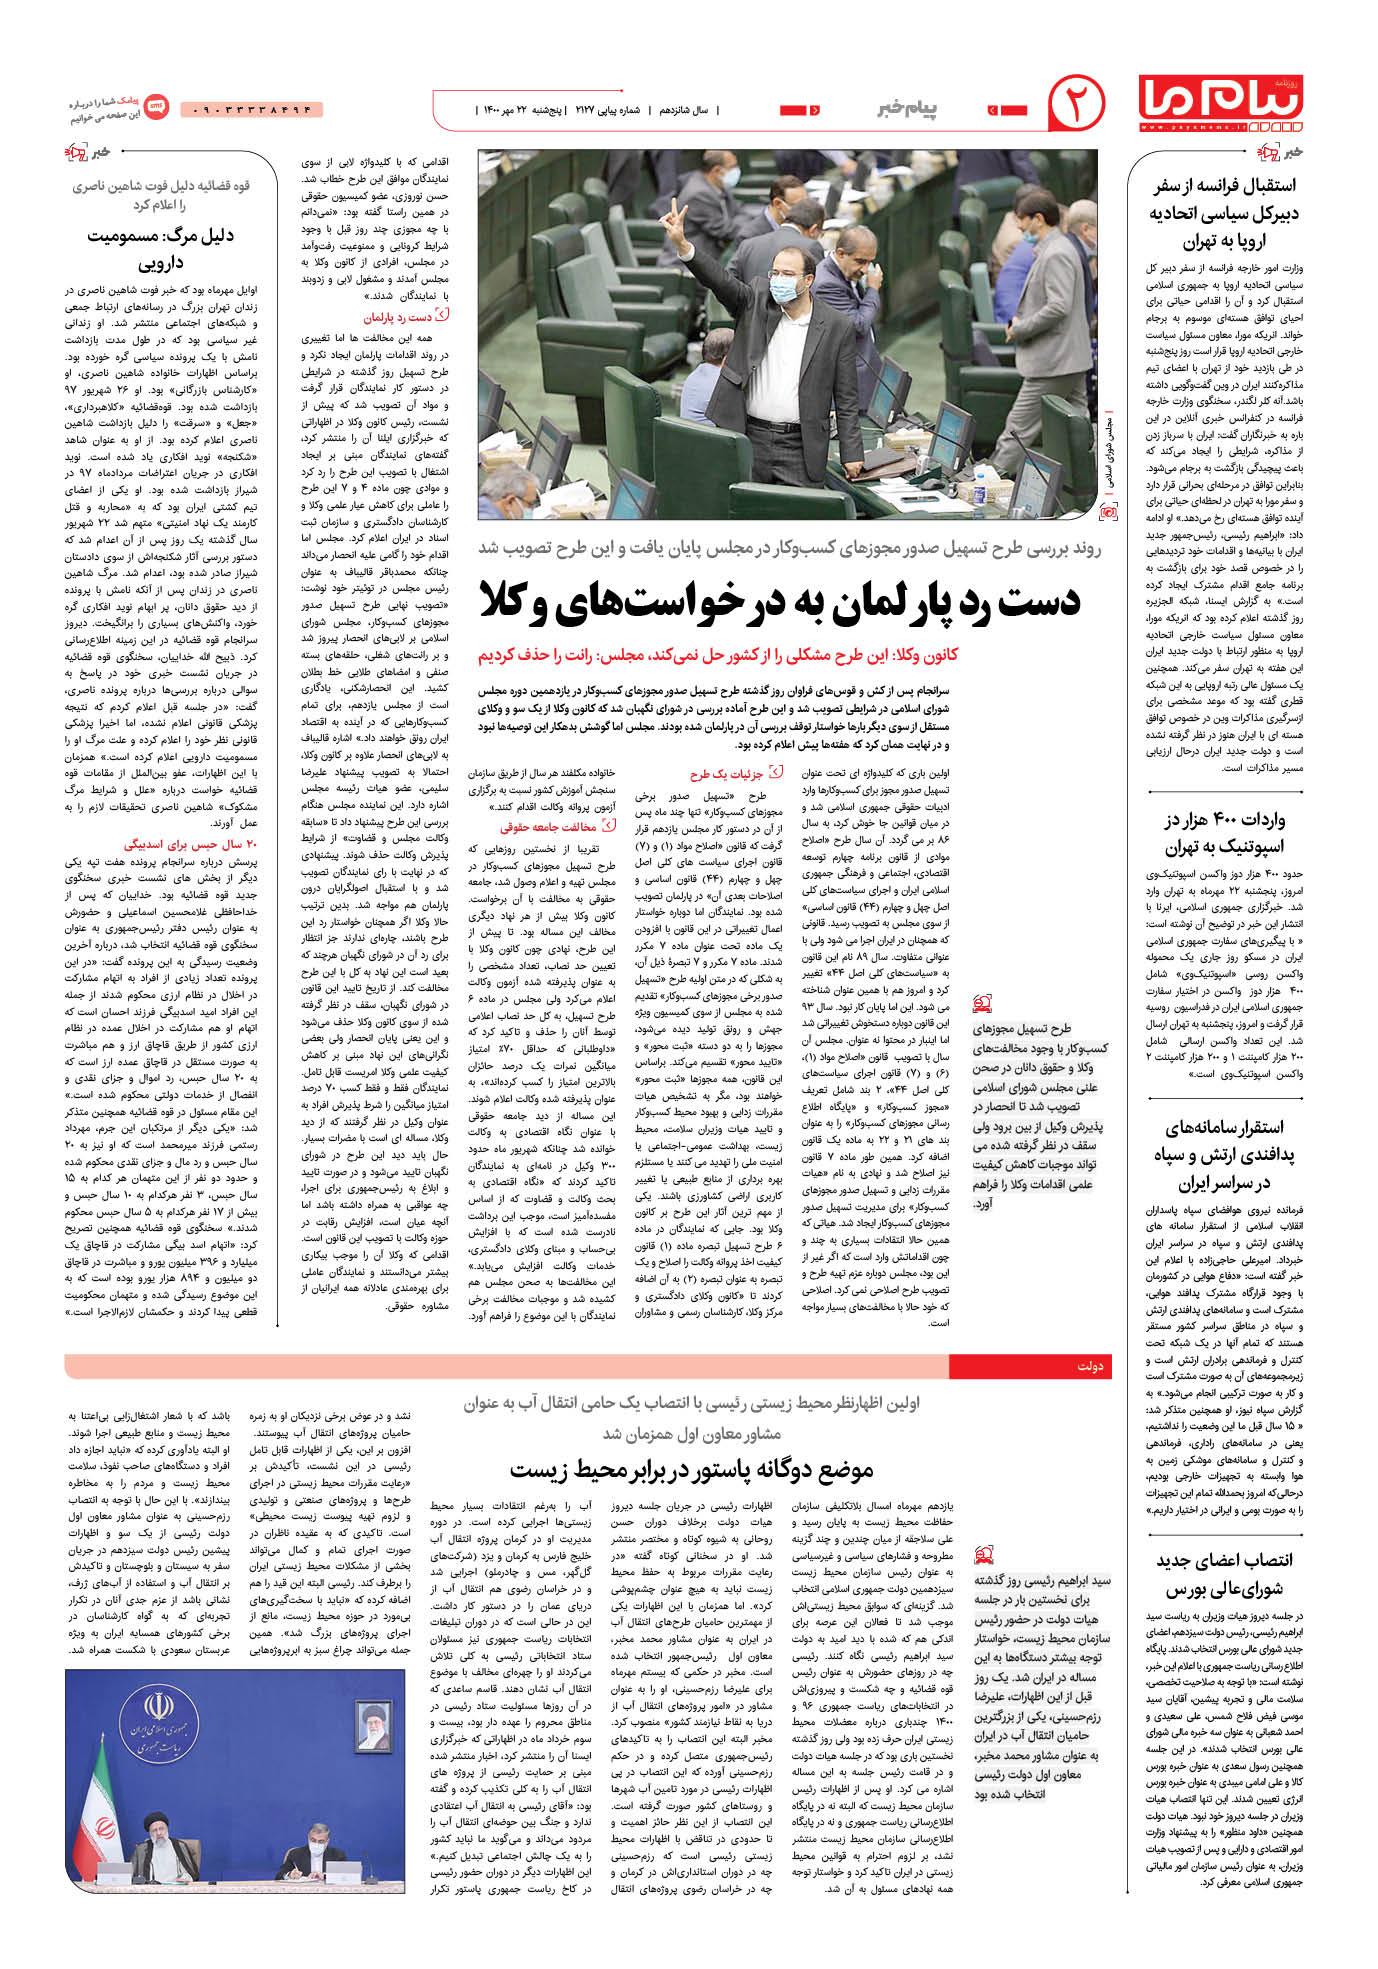 صفحه پیام خبر شماره 2127 روزنامه پیام ما